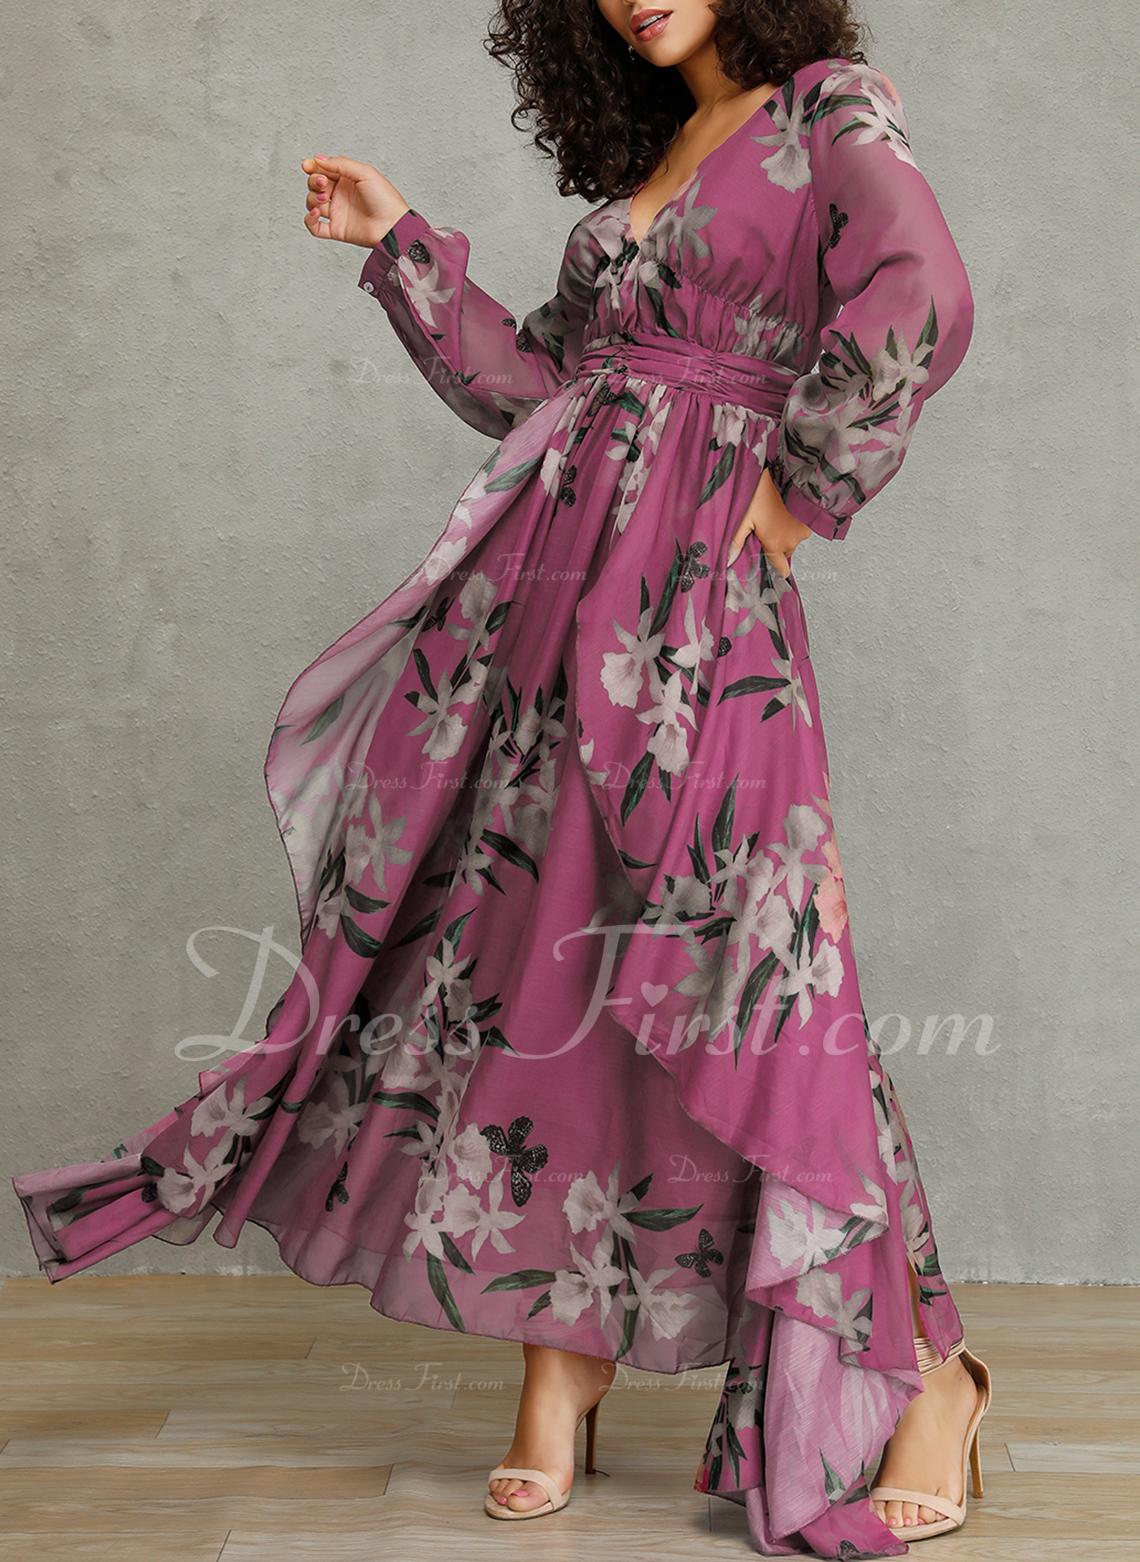 フローラル 印刷 Aラインワンピース 長袖 マキシ エレガント スケーター ファッションドレス